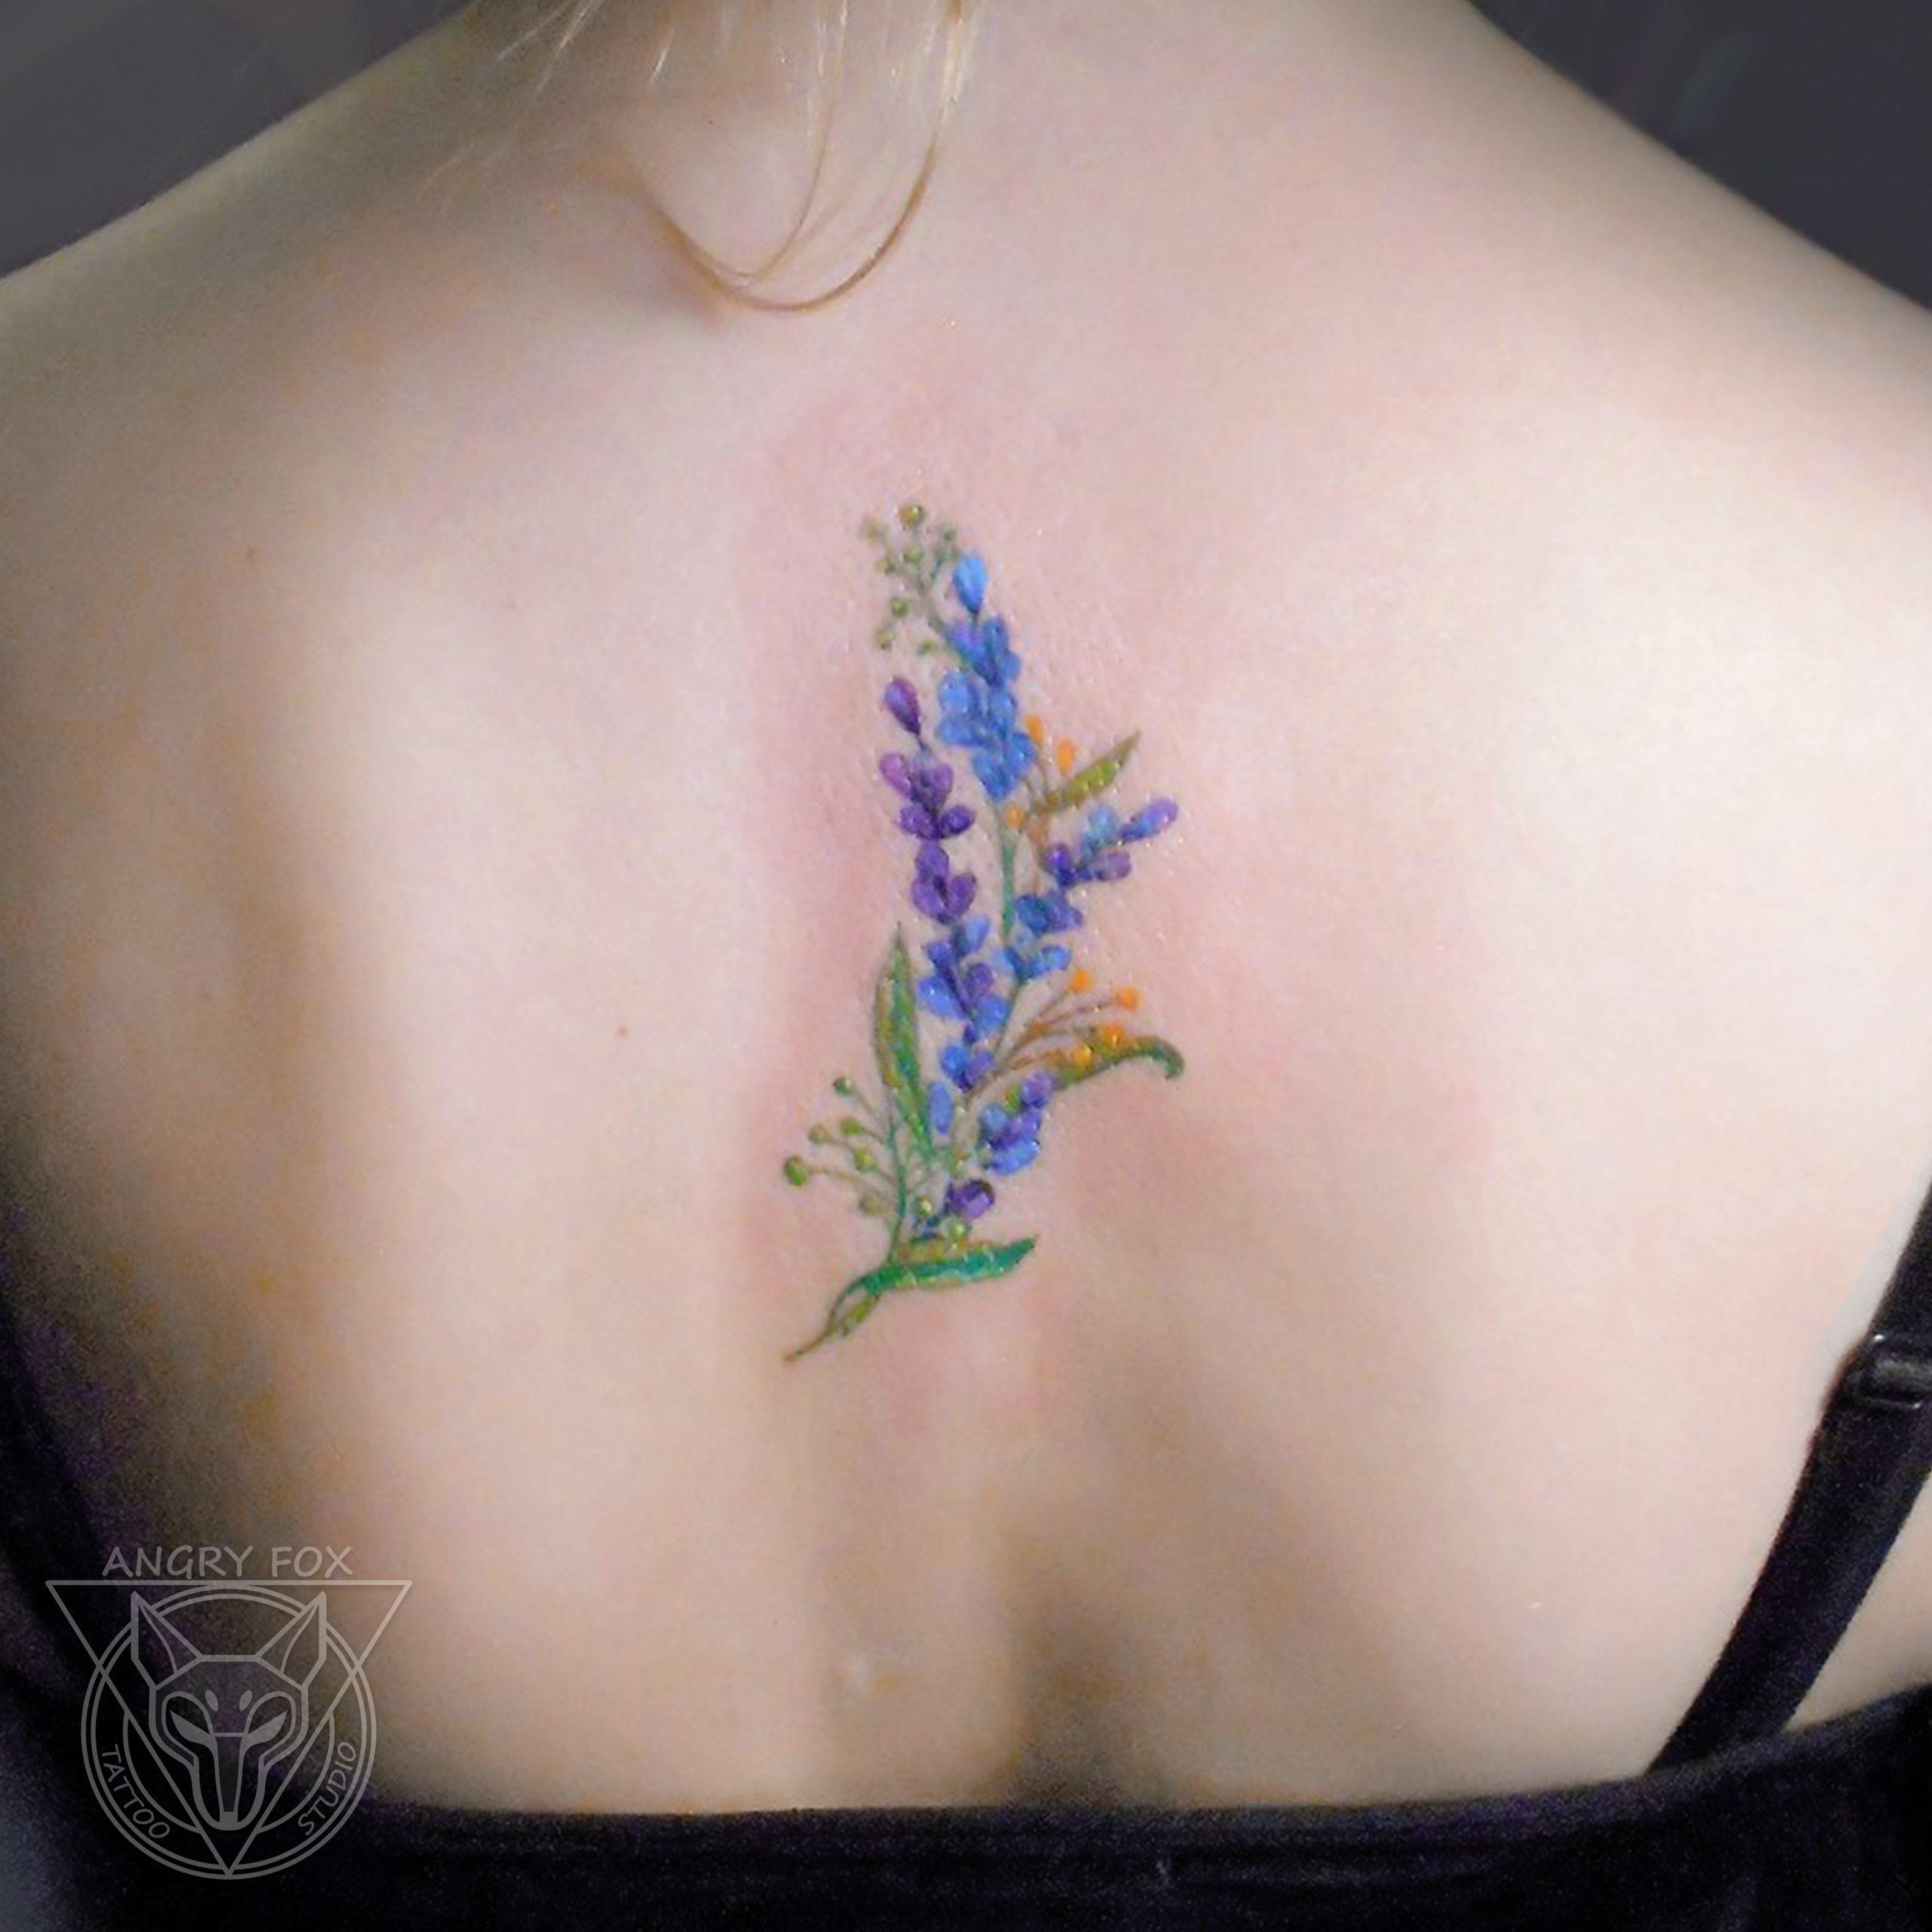 Татуировка, тату, цветная, спина, позвоночник, цветы, акварель, миниатюра, мини